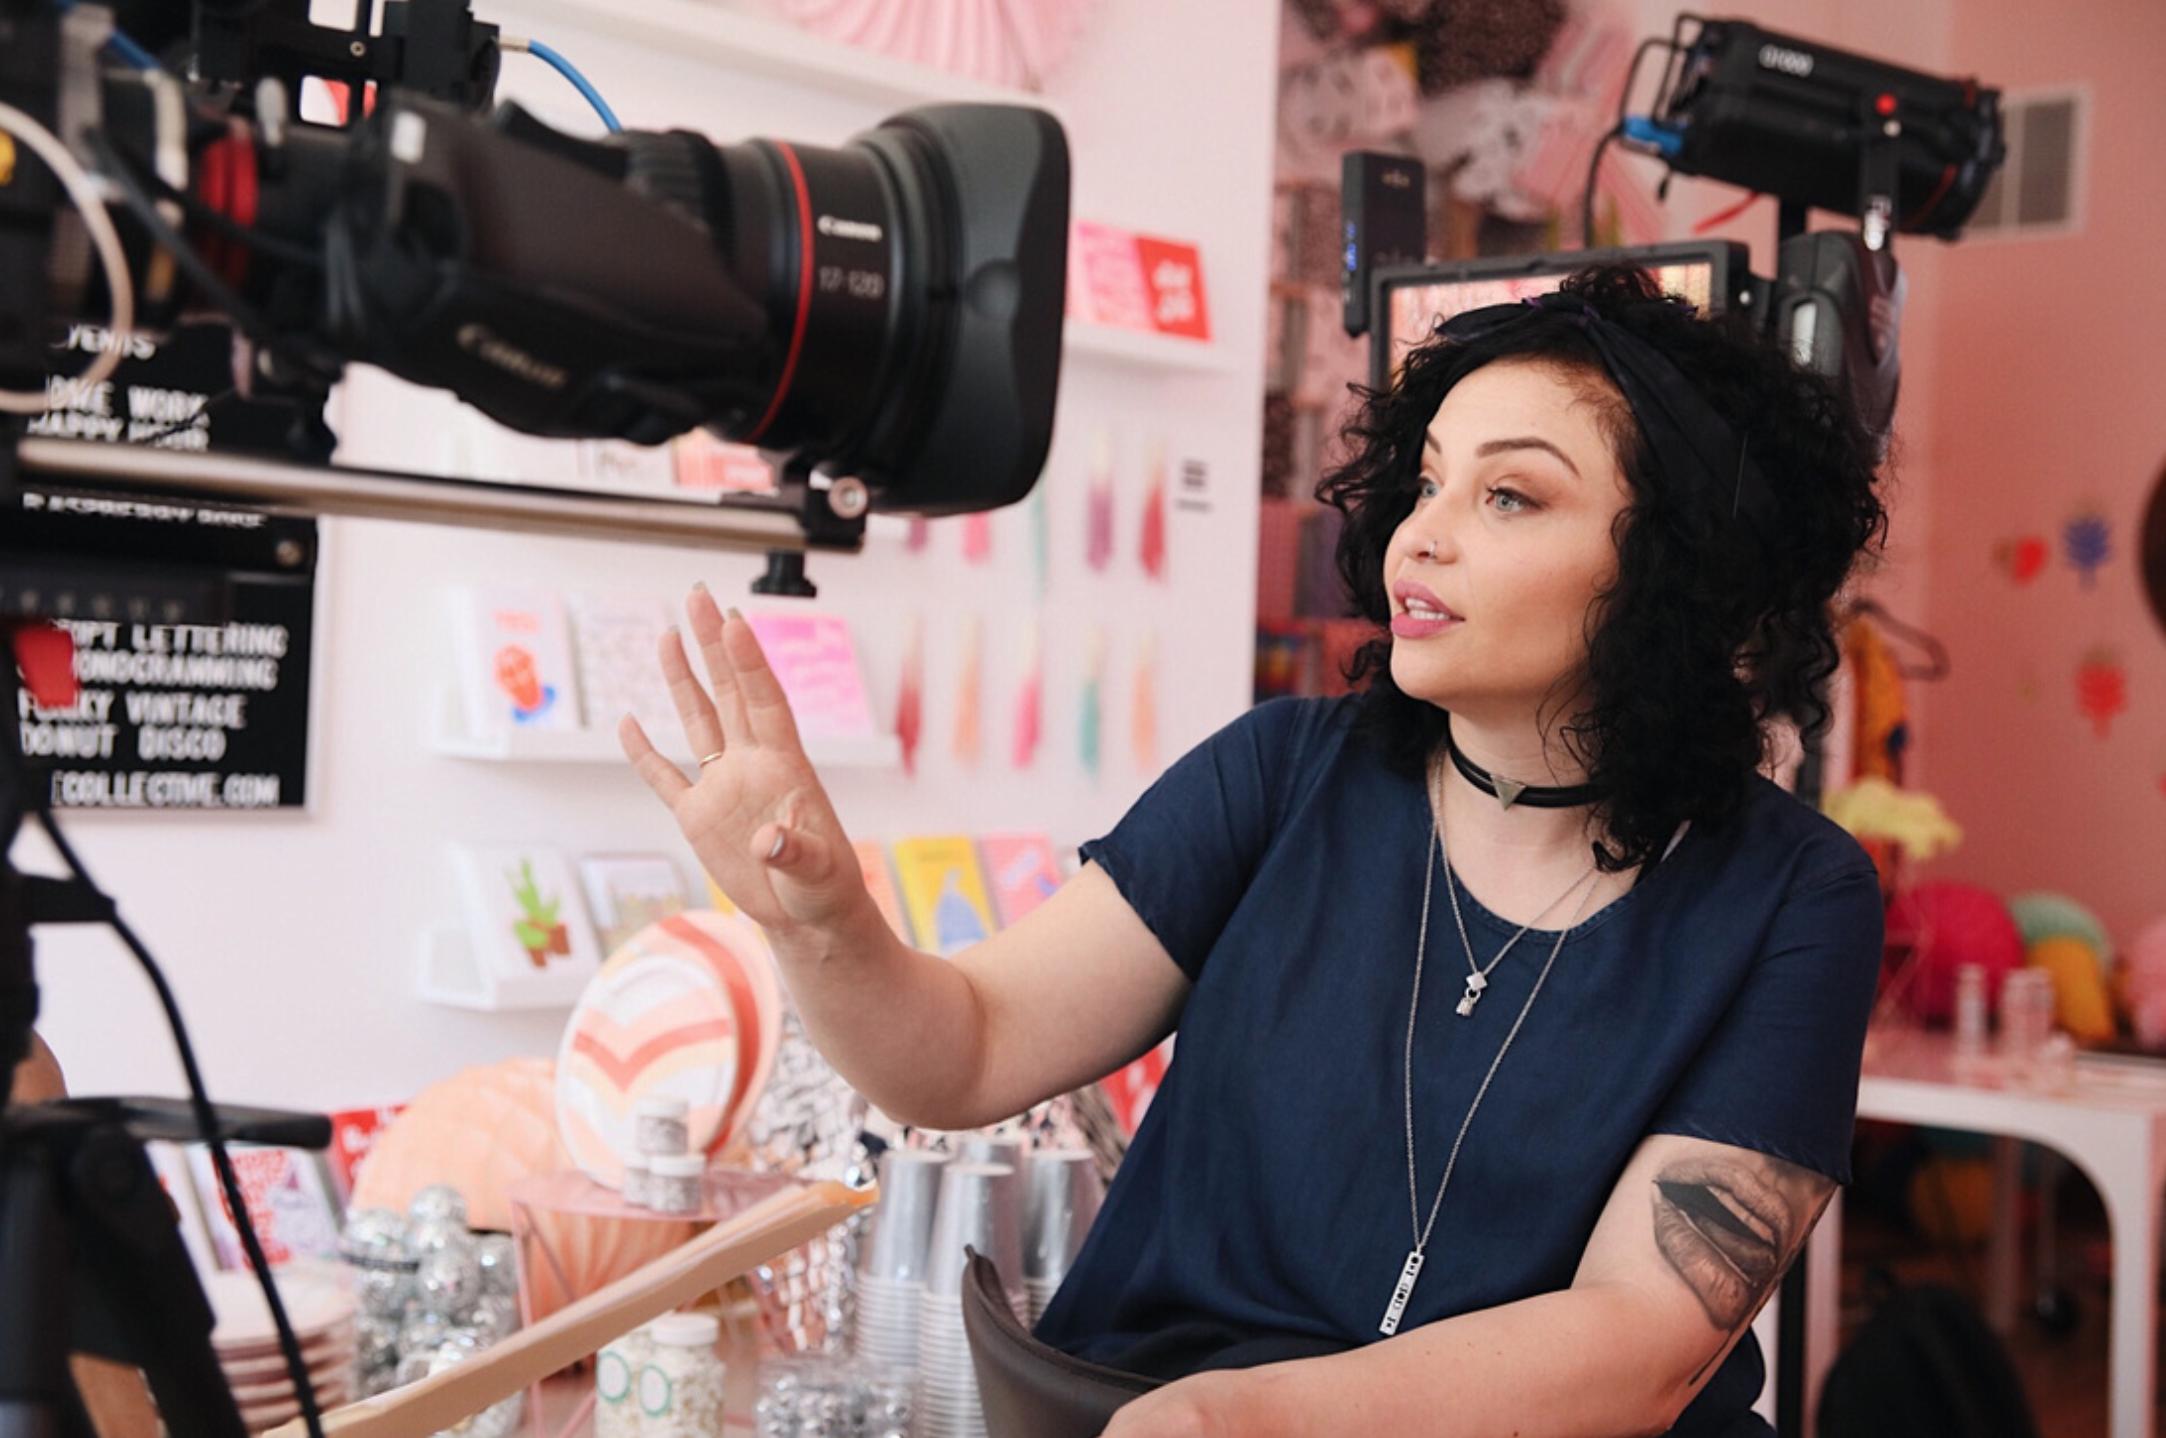 Filmmaker - Producer | Director